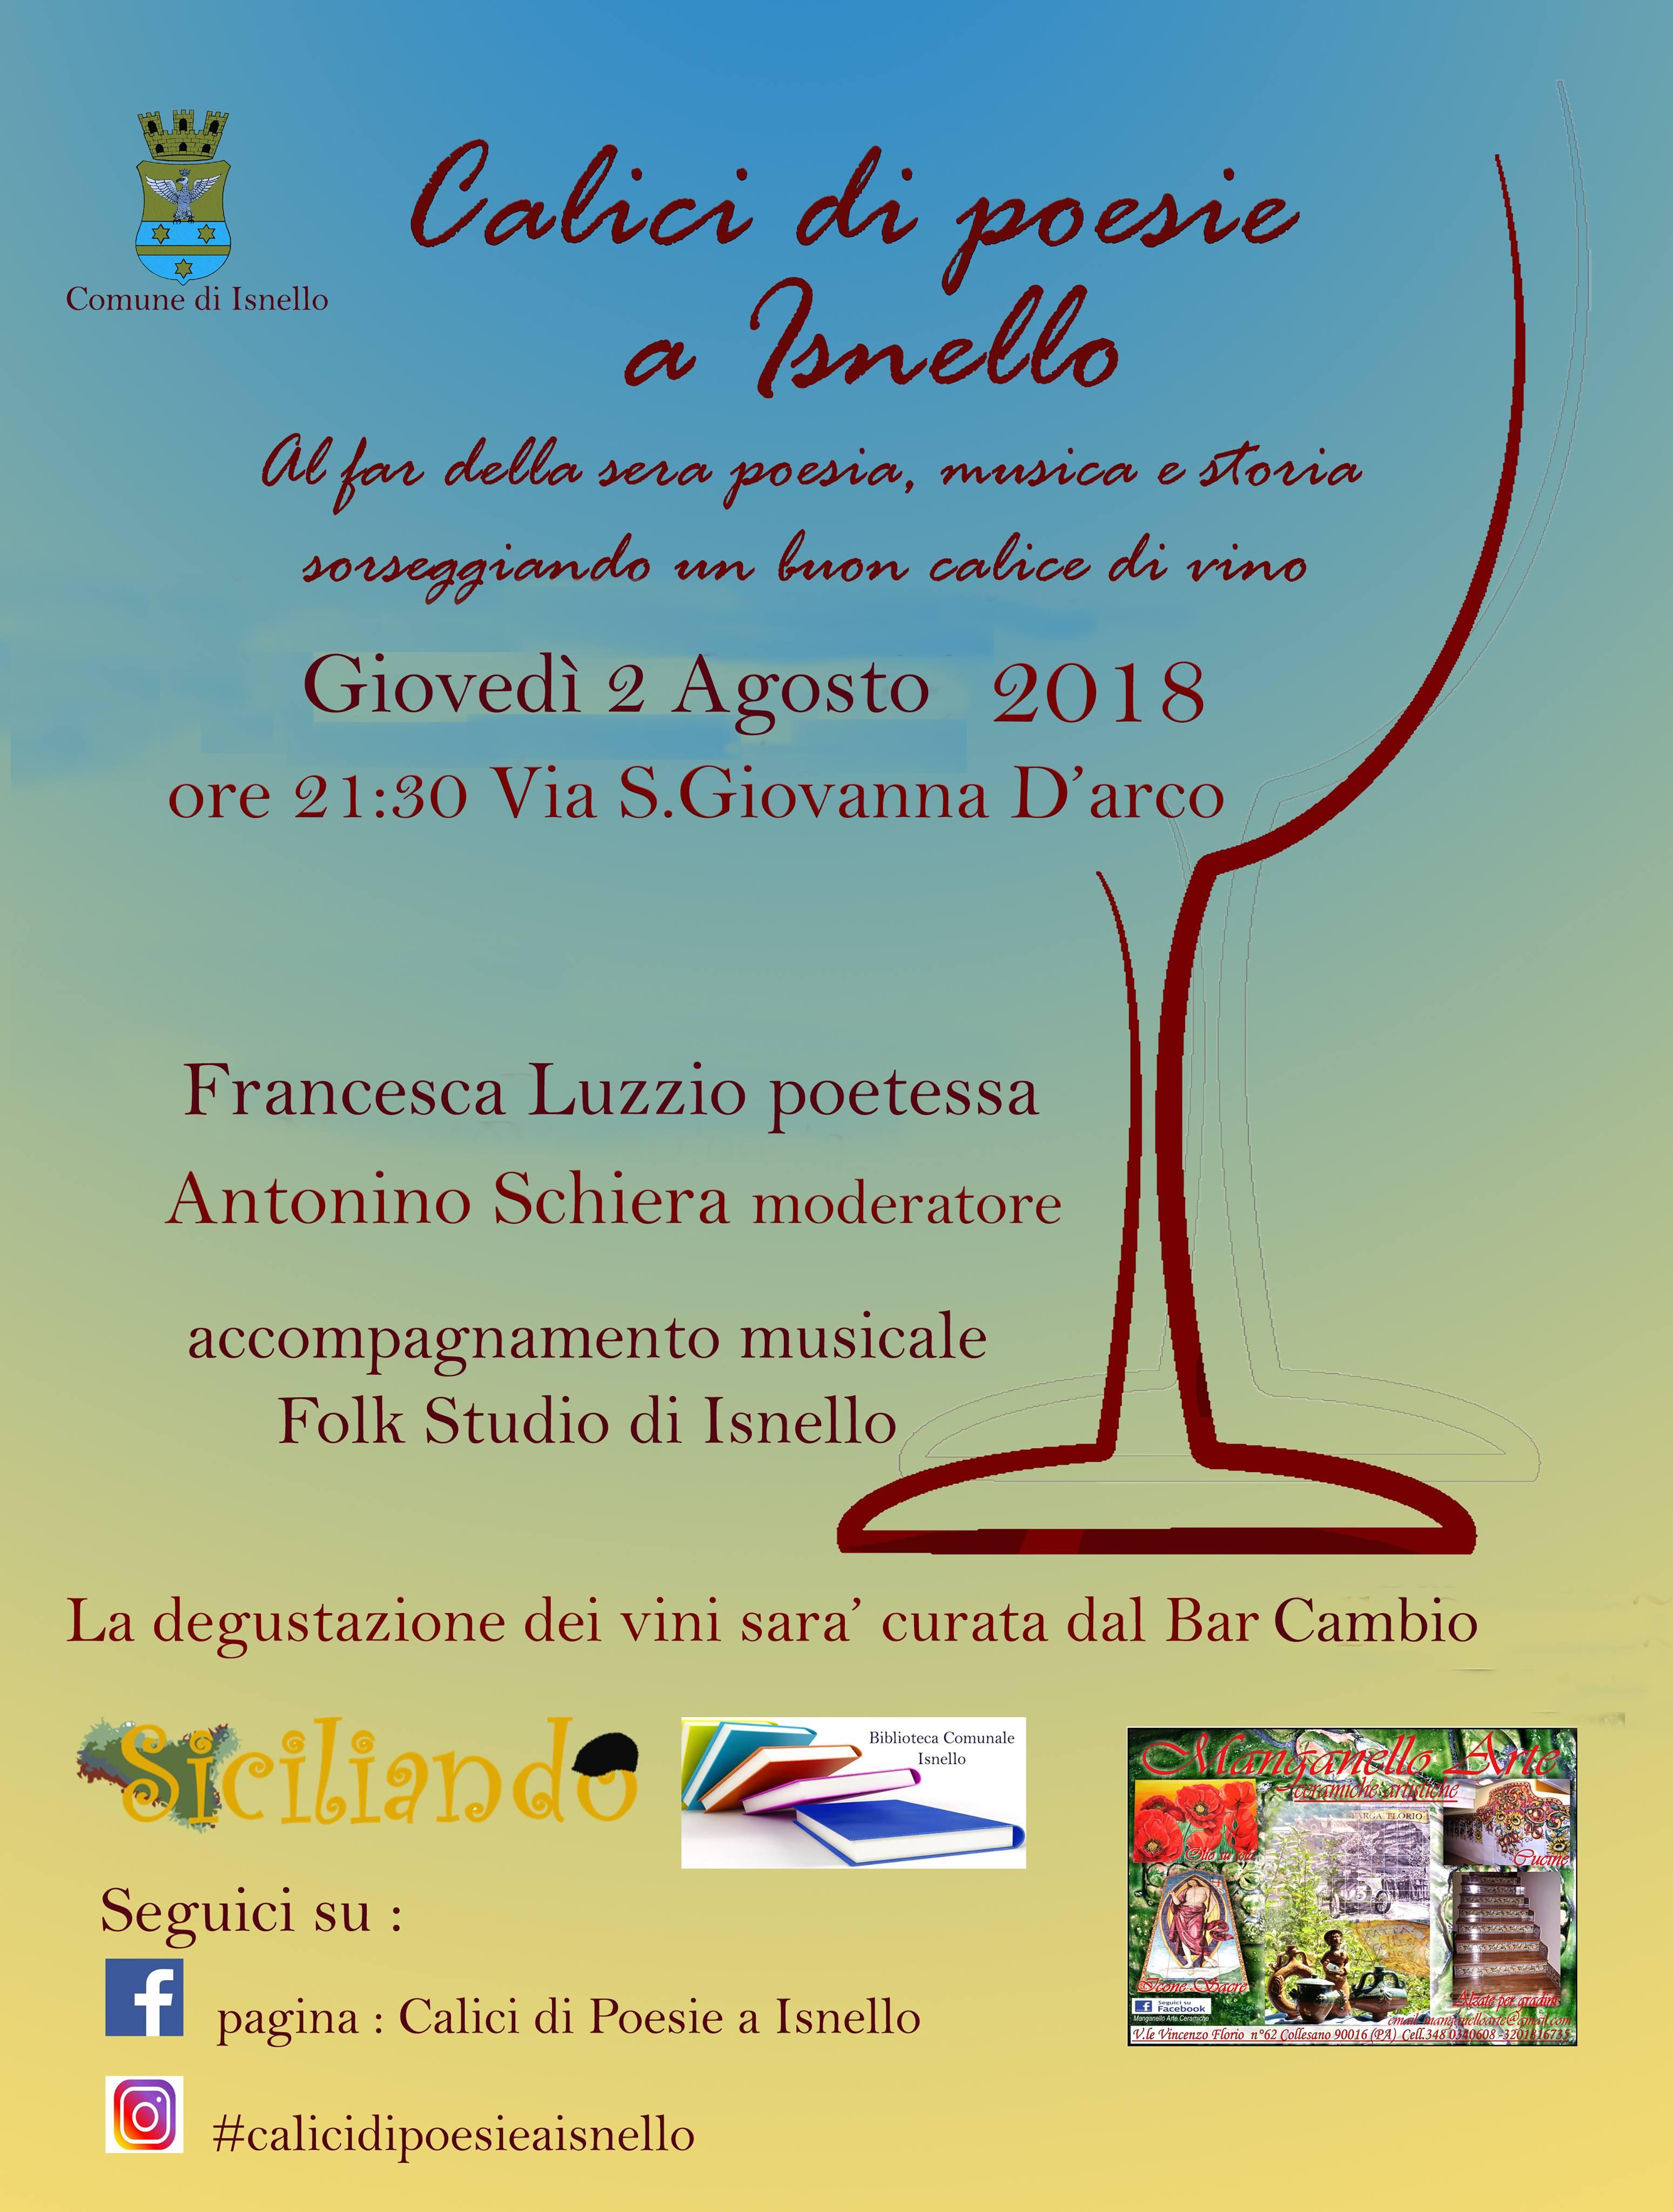 Calici_poesie_a_Isnello_Francesca_Luzzio